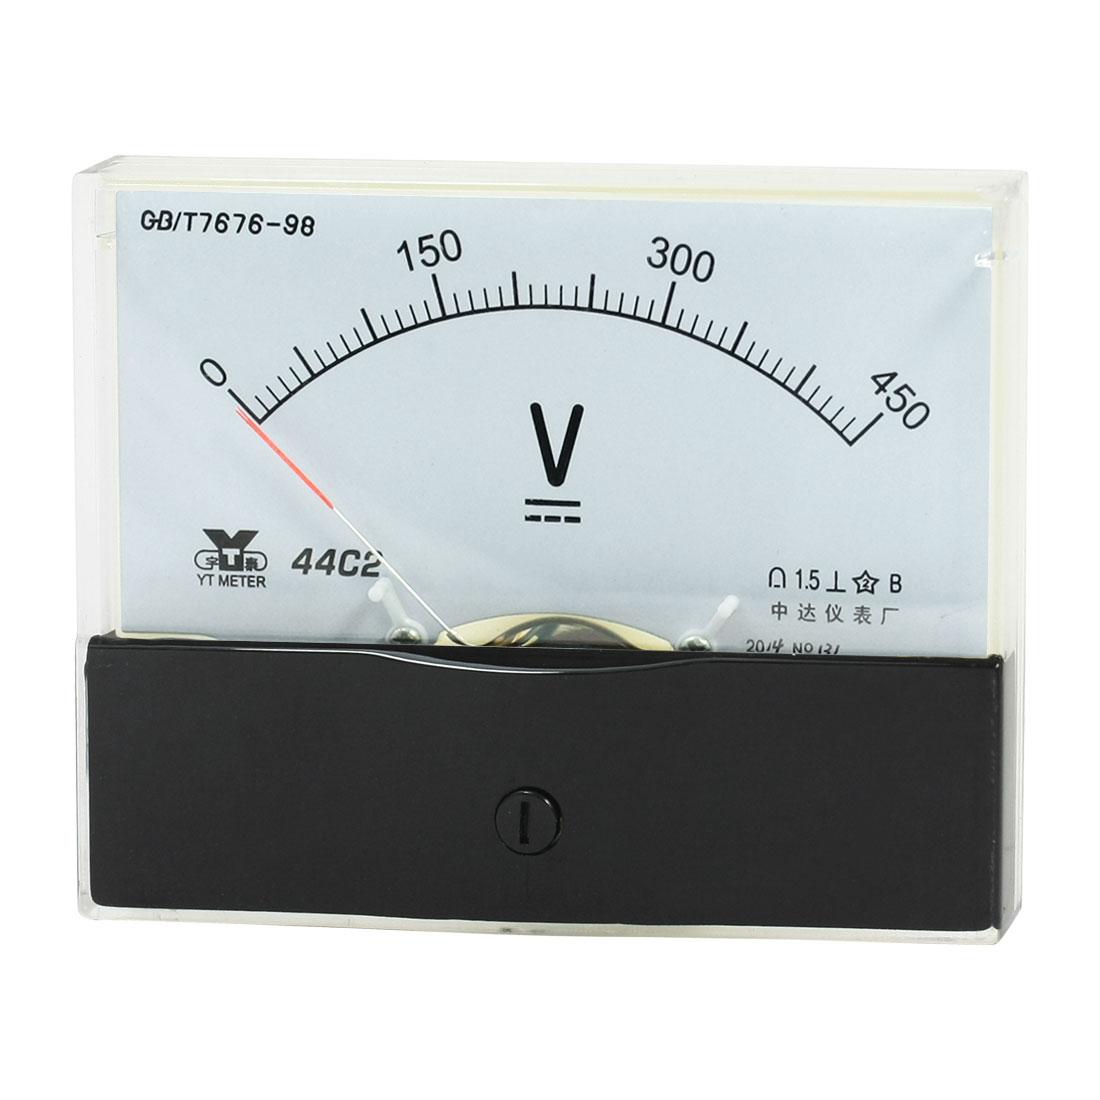 Rectangle Measurement Tool Analog Panel Voltmeter Volt Meter DC 0 - 450V Measuring Range 44C2